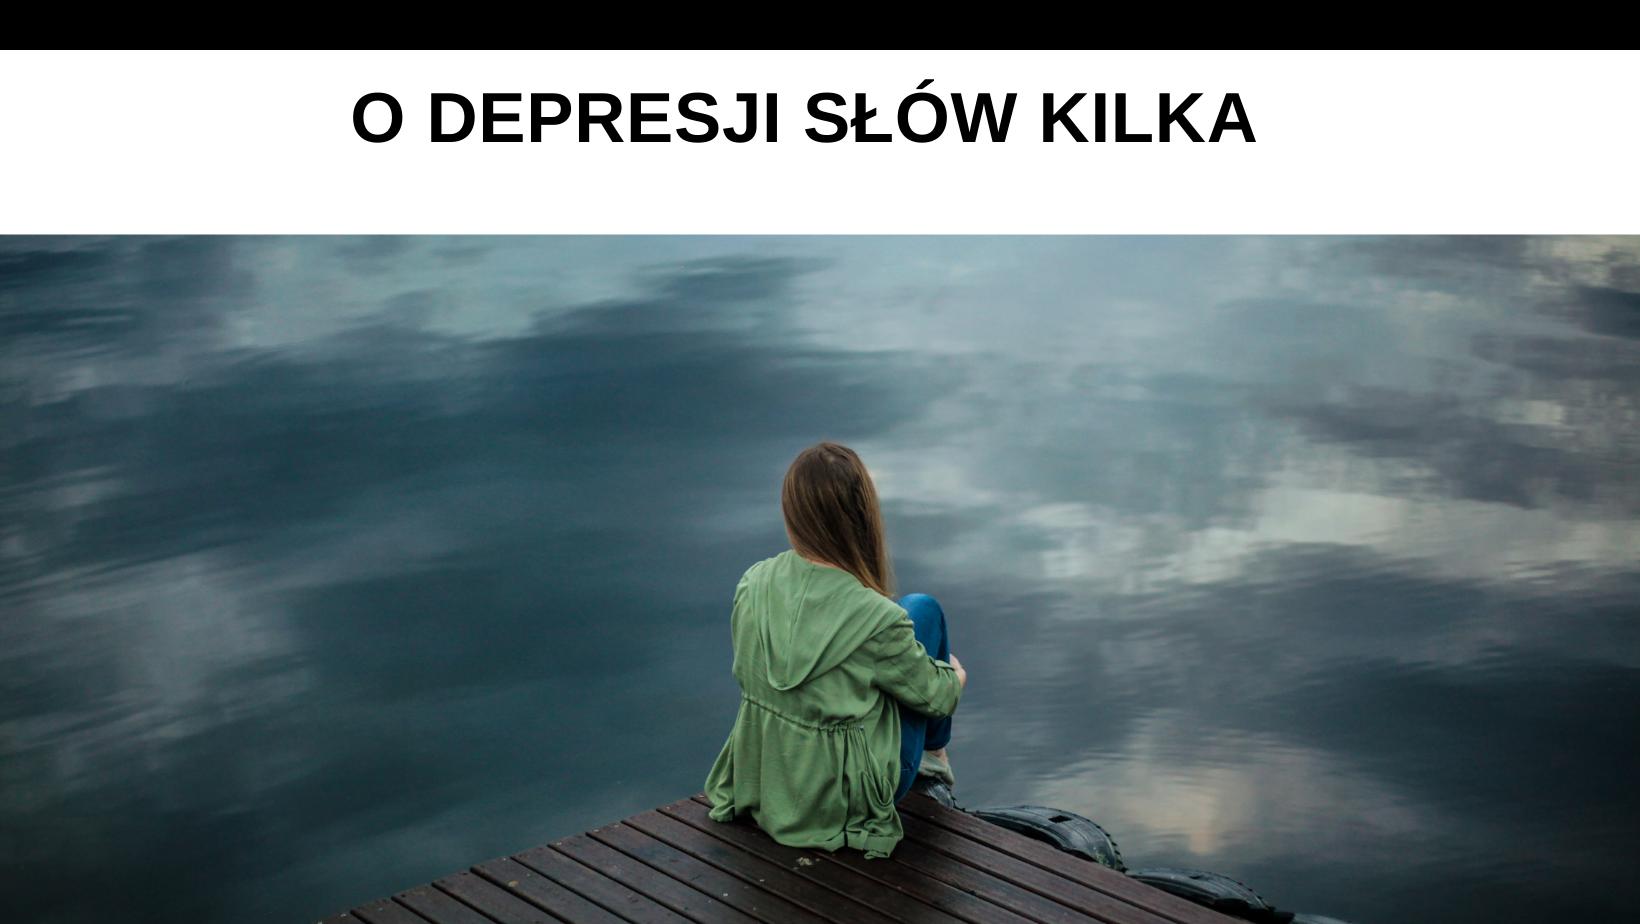 O depresji słów kilka